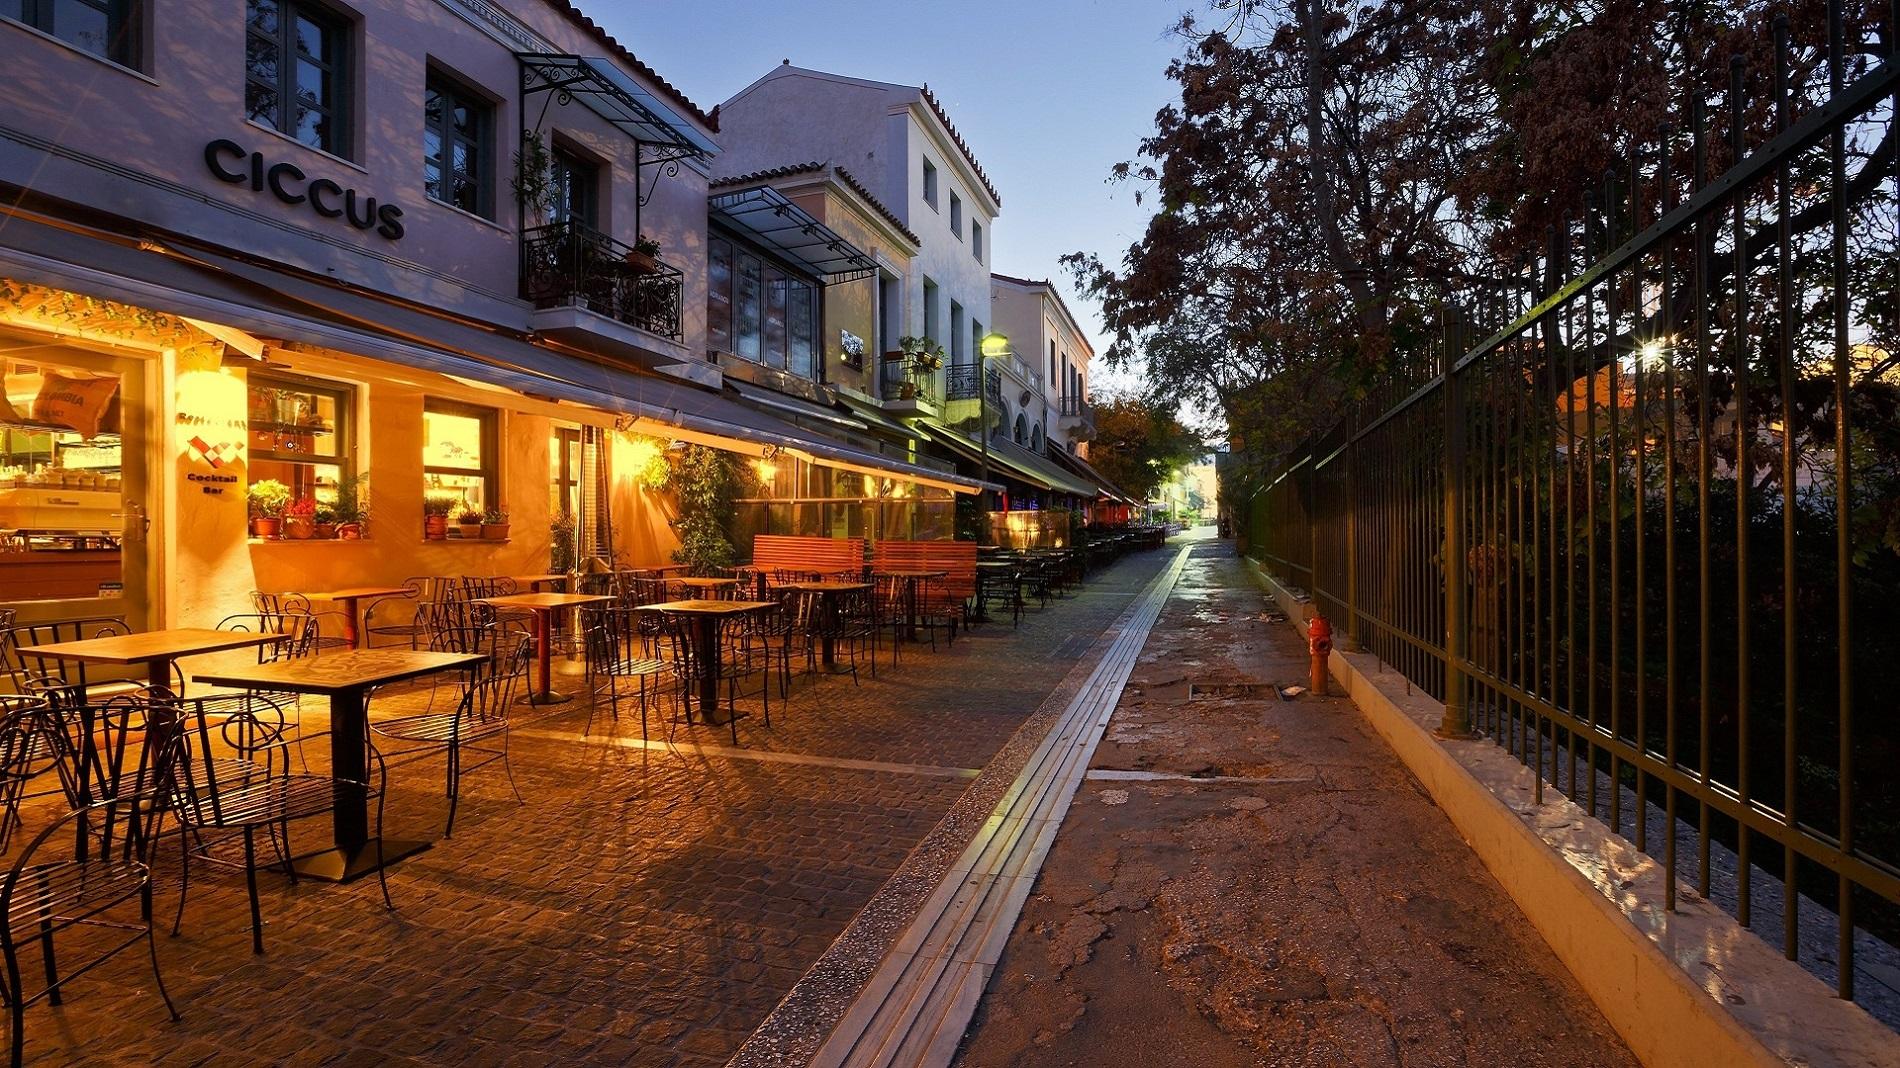 Ο πεζόδρομος της Αδριανού στην Αθήνα. Πηγή:  Trip2Athens